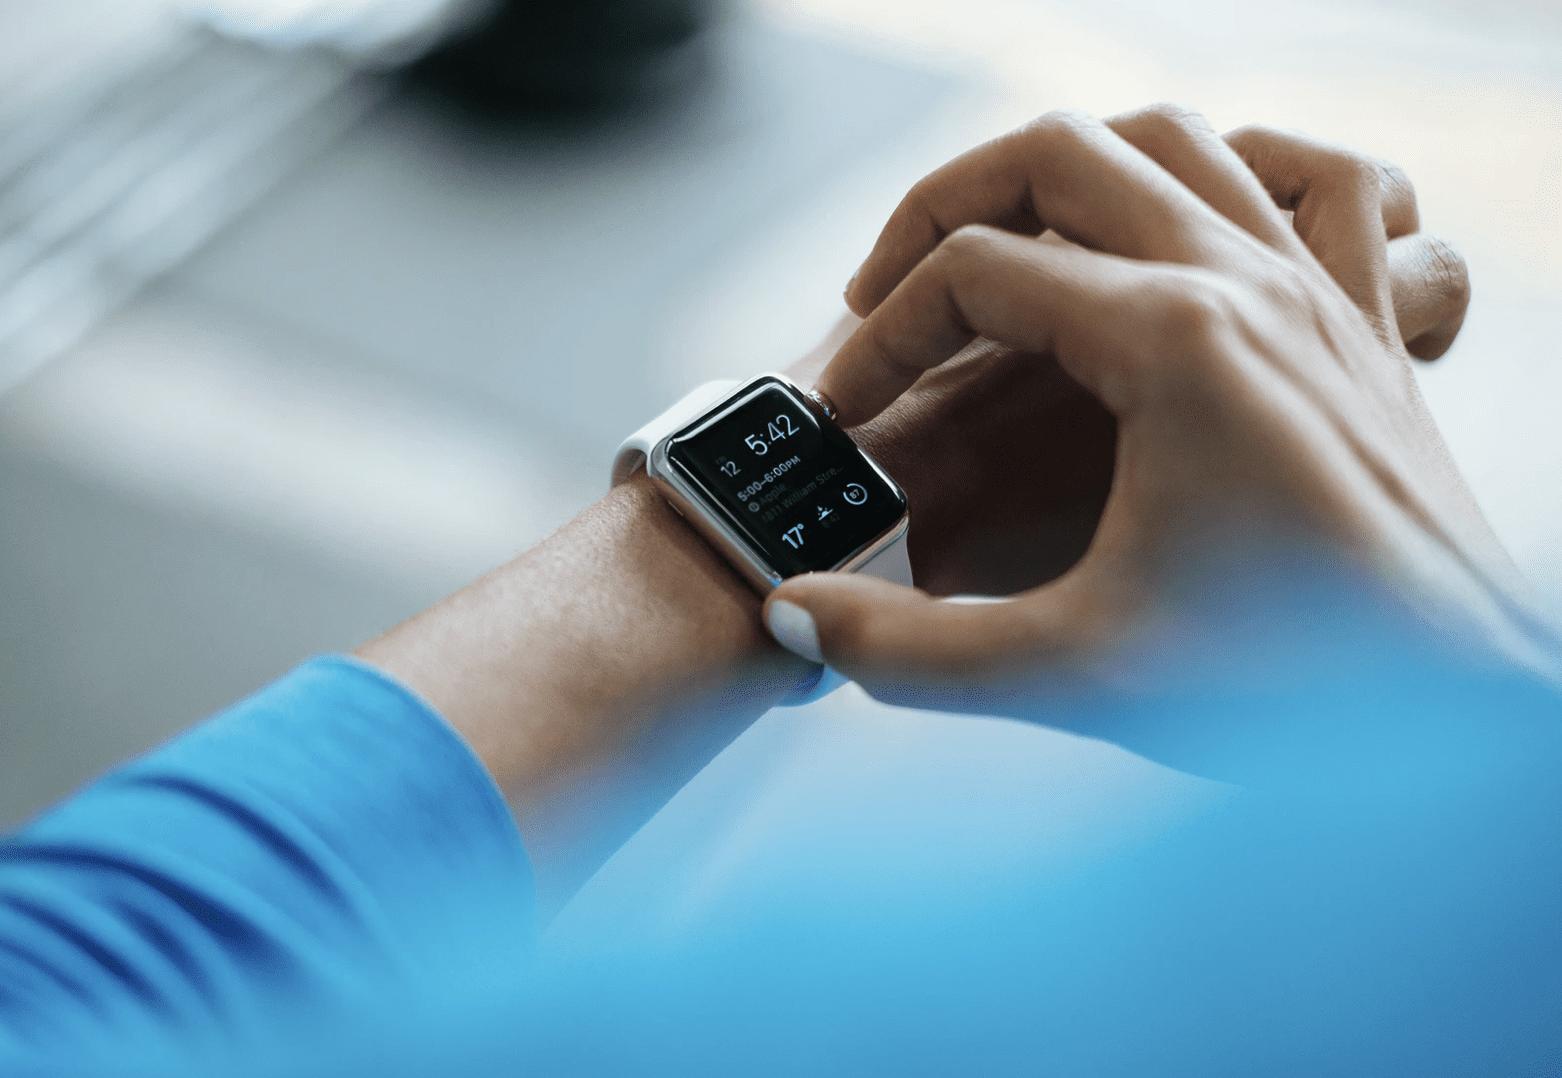 woman wearing high-tech watch, changing its time